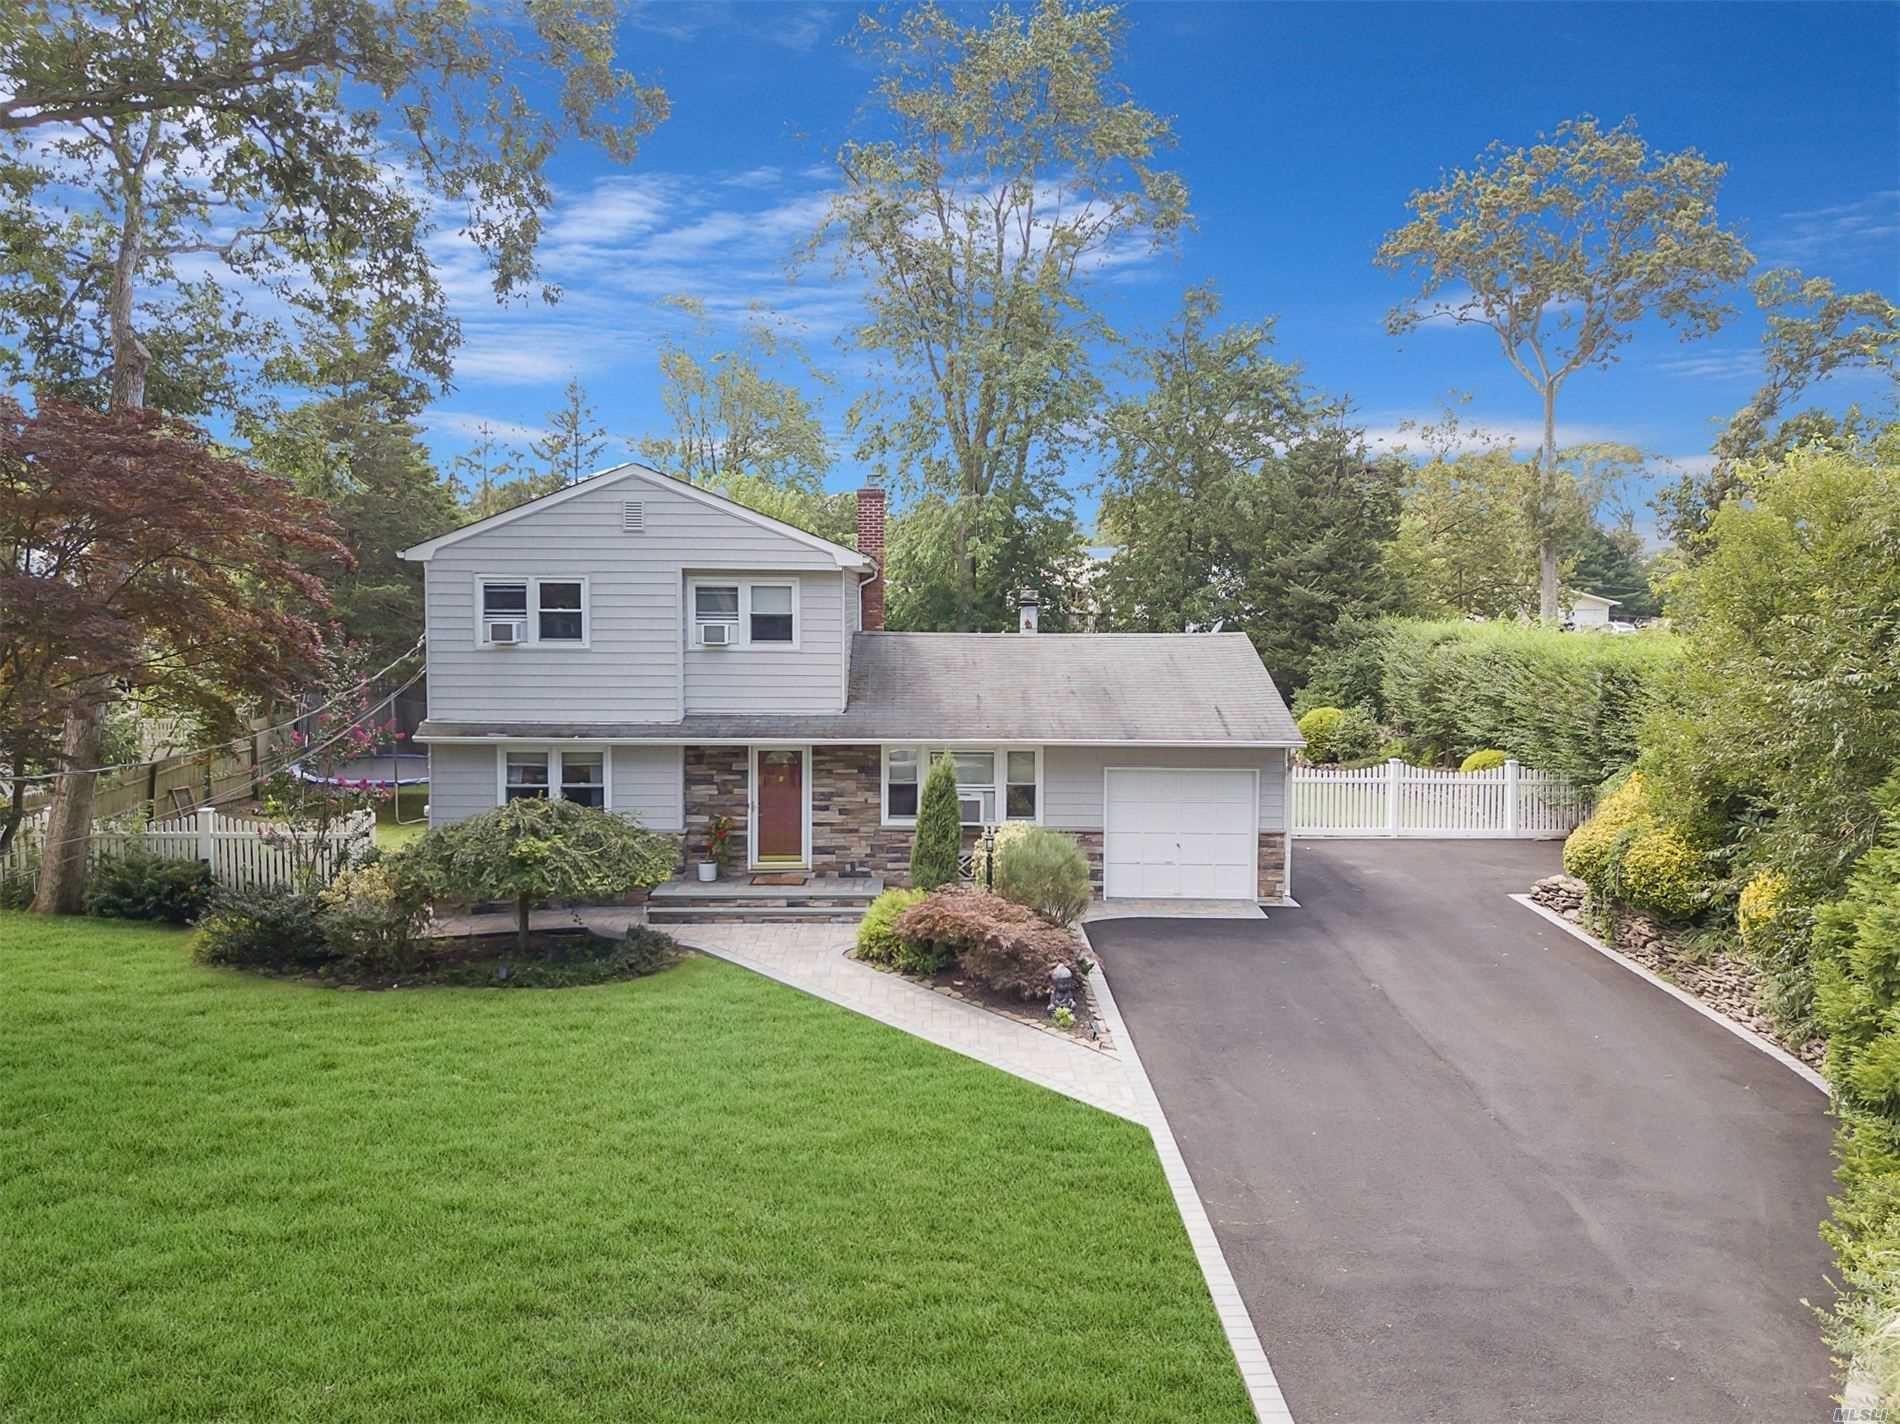 38 Virginia Avenue, Lake Ronkonkoma, NY 11779 - MLS#: 3246116